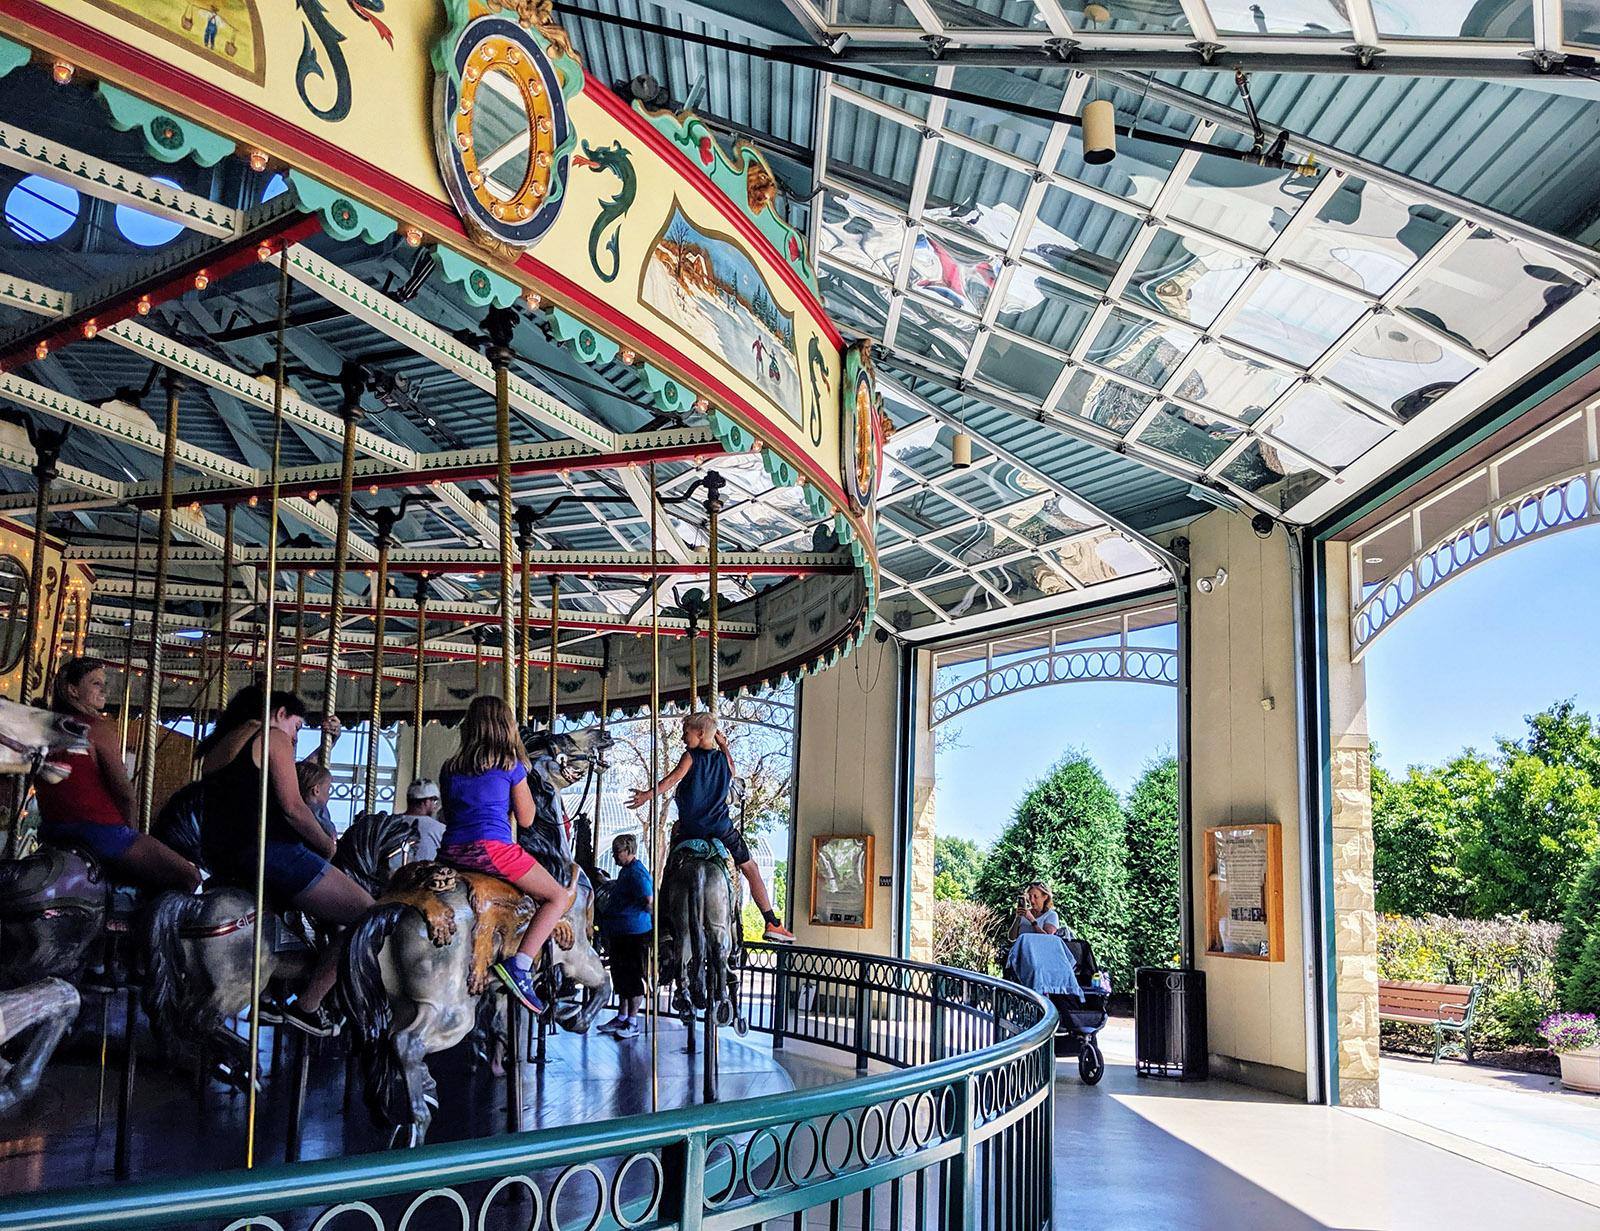 Cafesjians Carousel